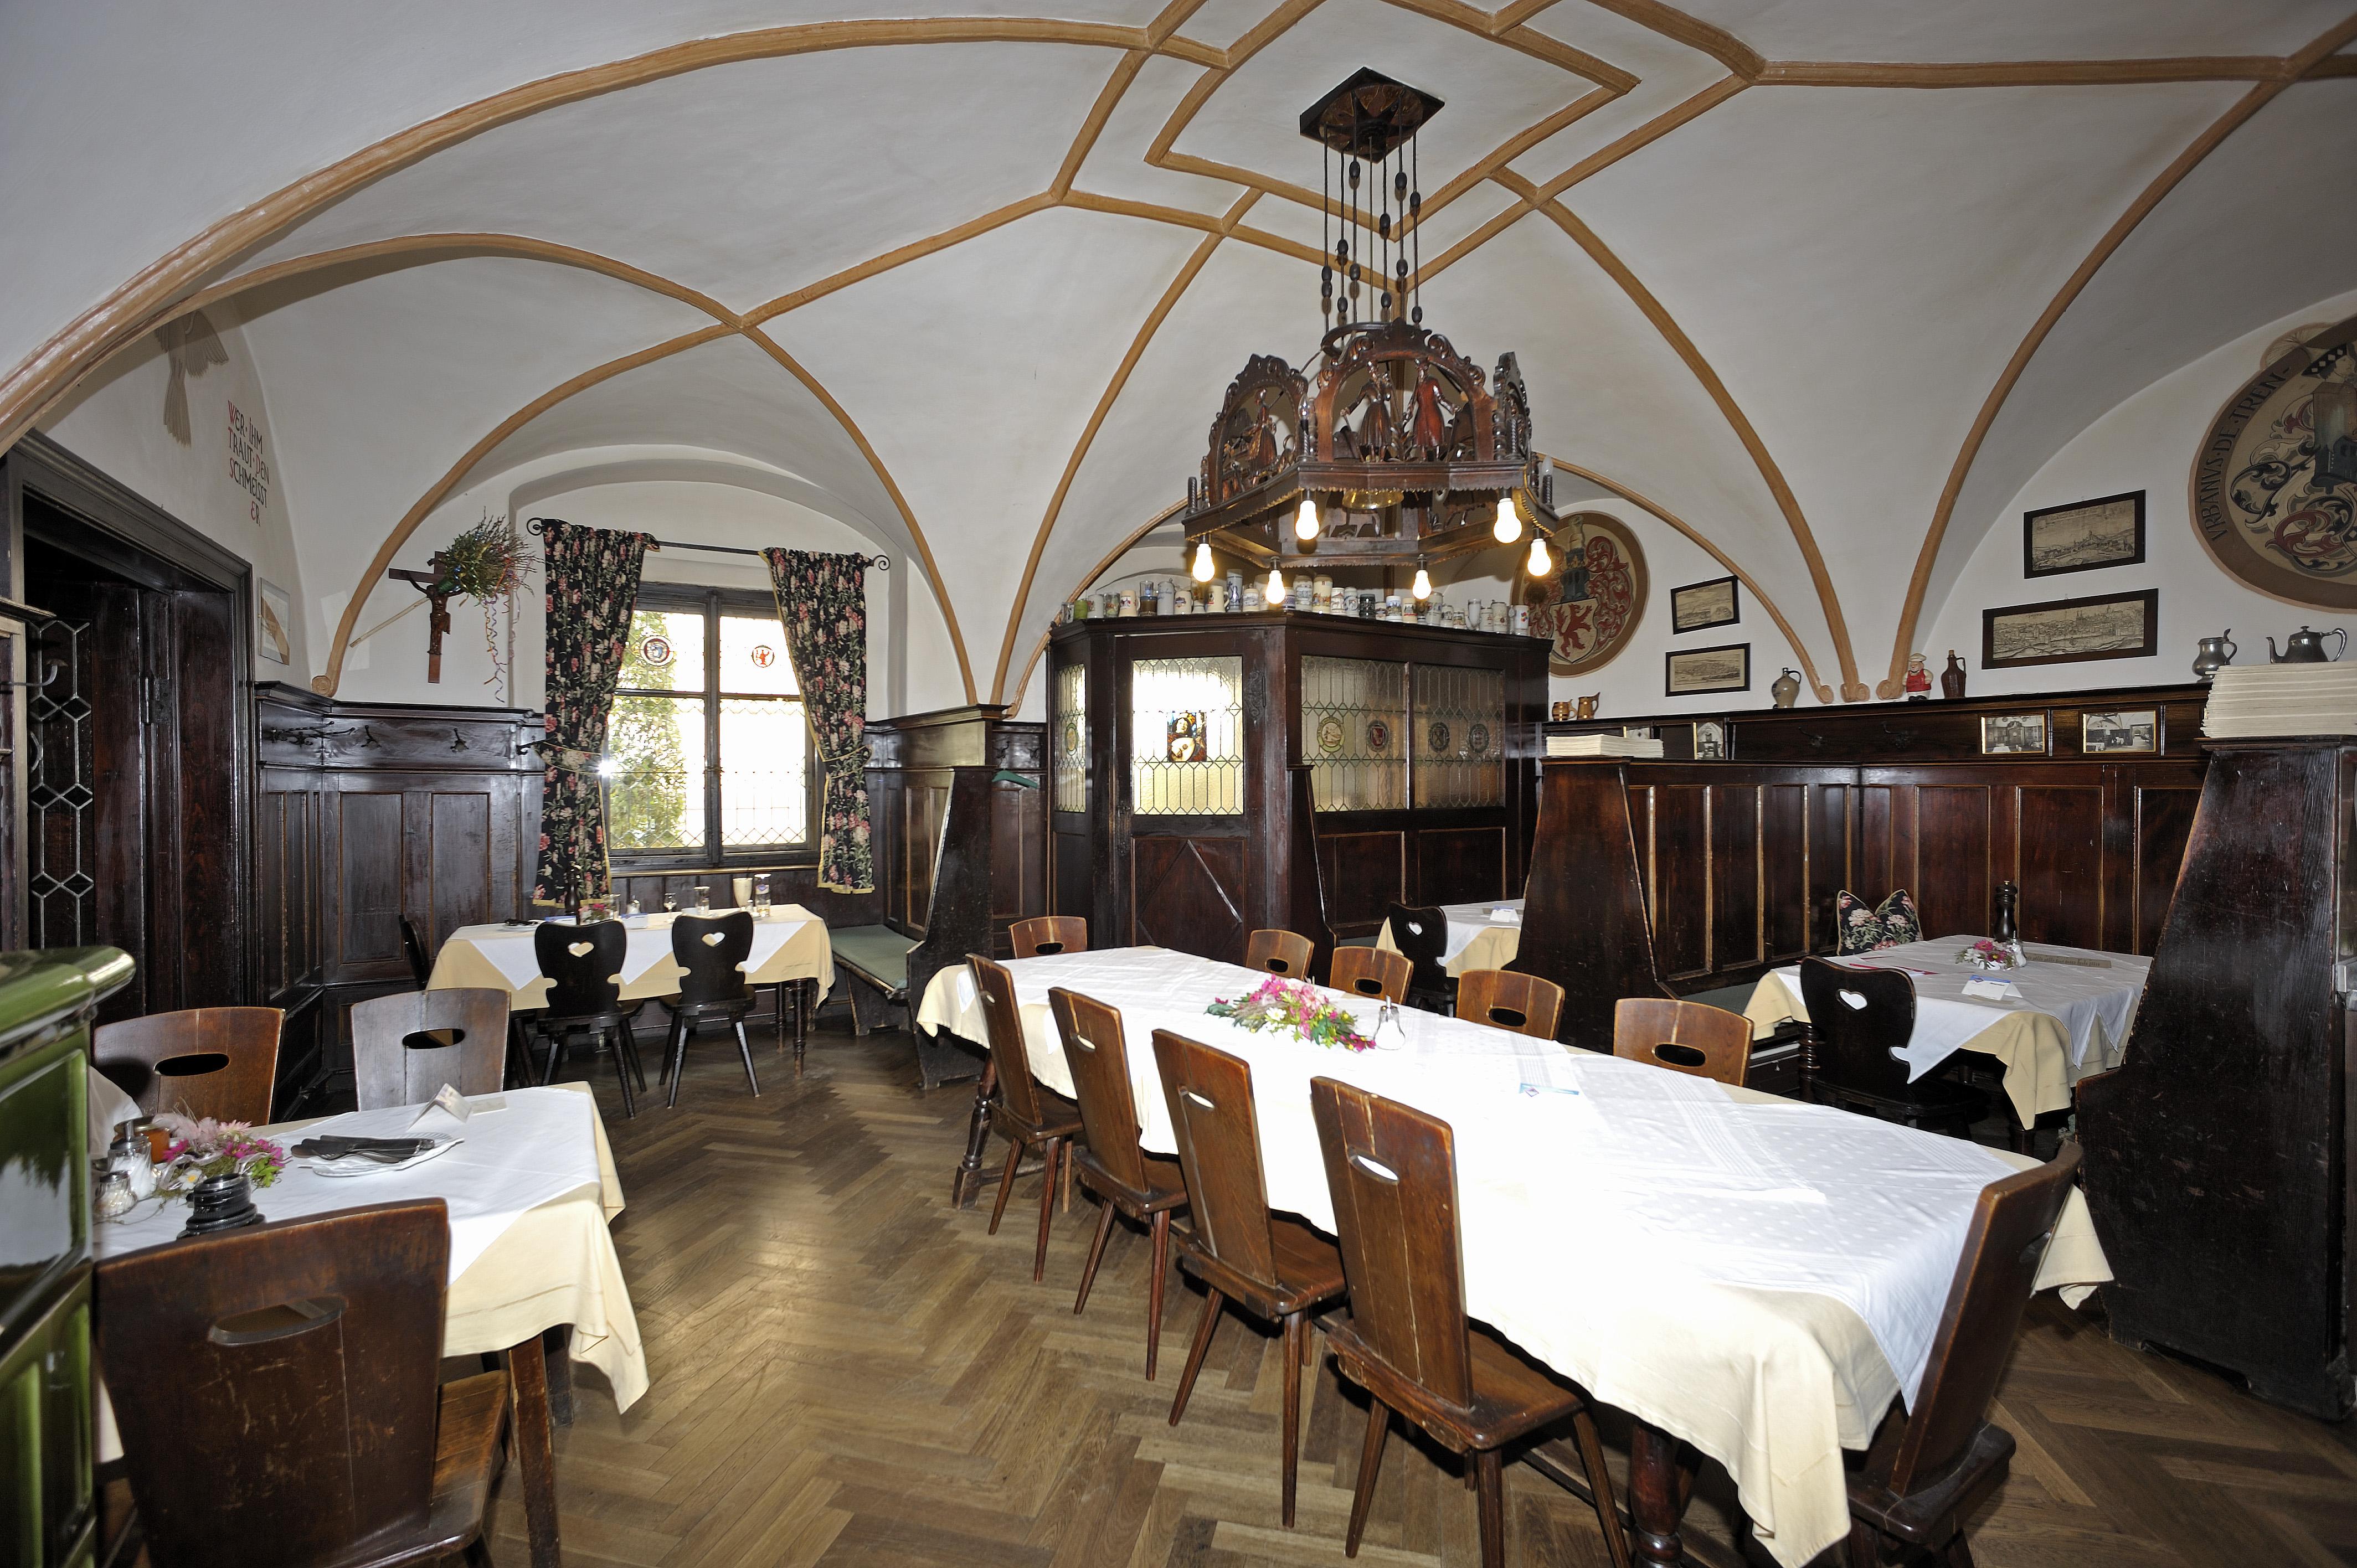 Heilig-Geist-Stiftsschenke Passau